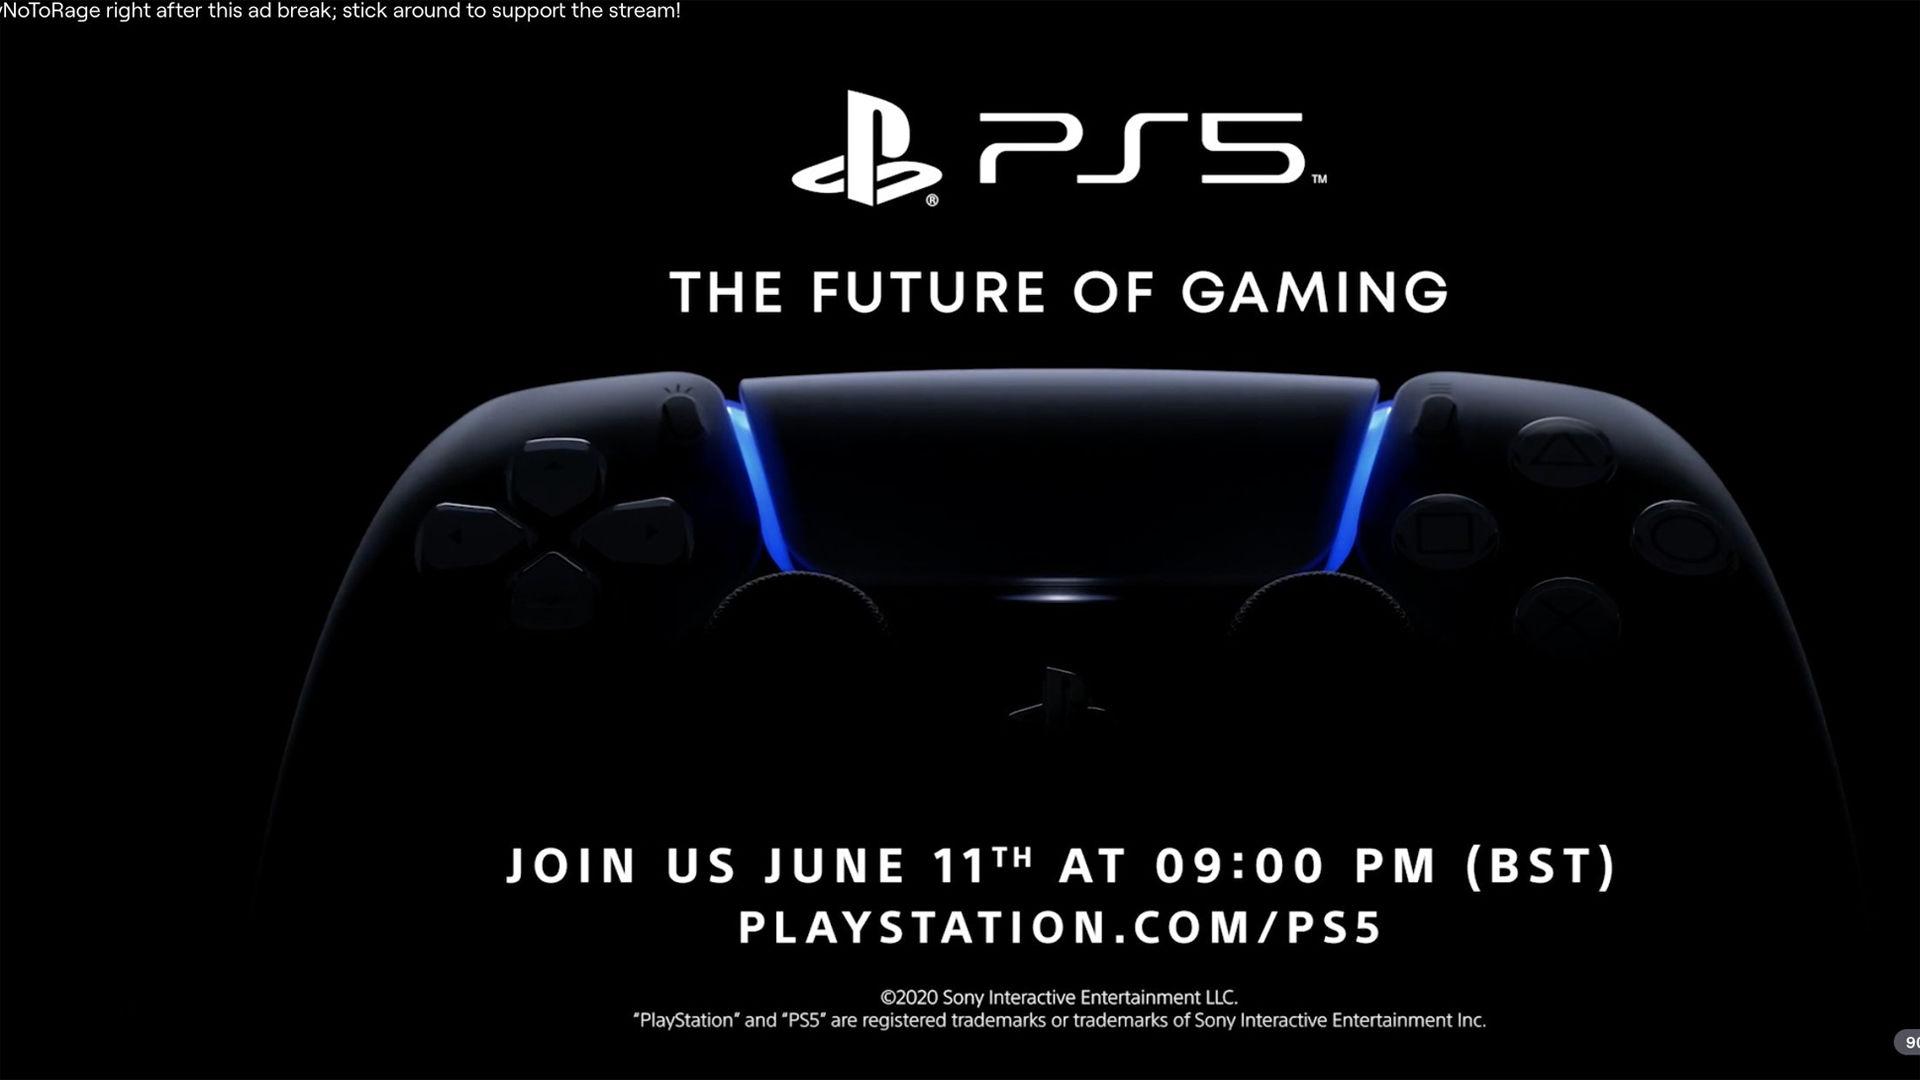 Sony PlayStation 5 etkinliğinin tarihi sızdırılmış olabilir